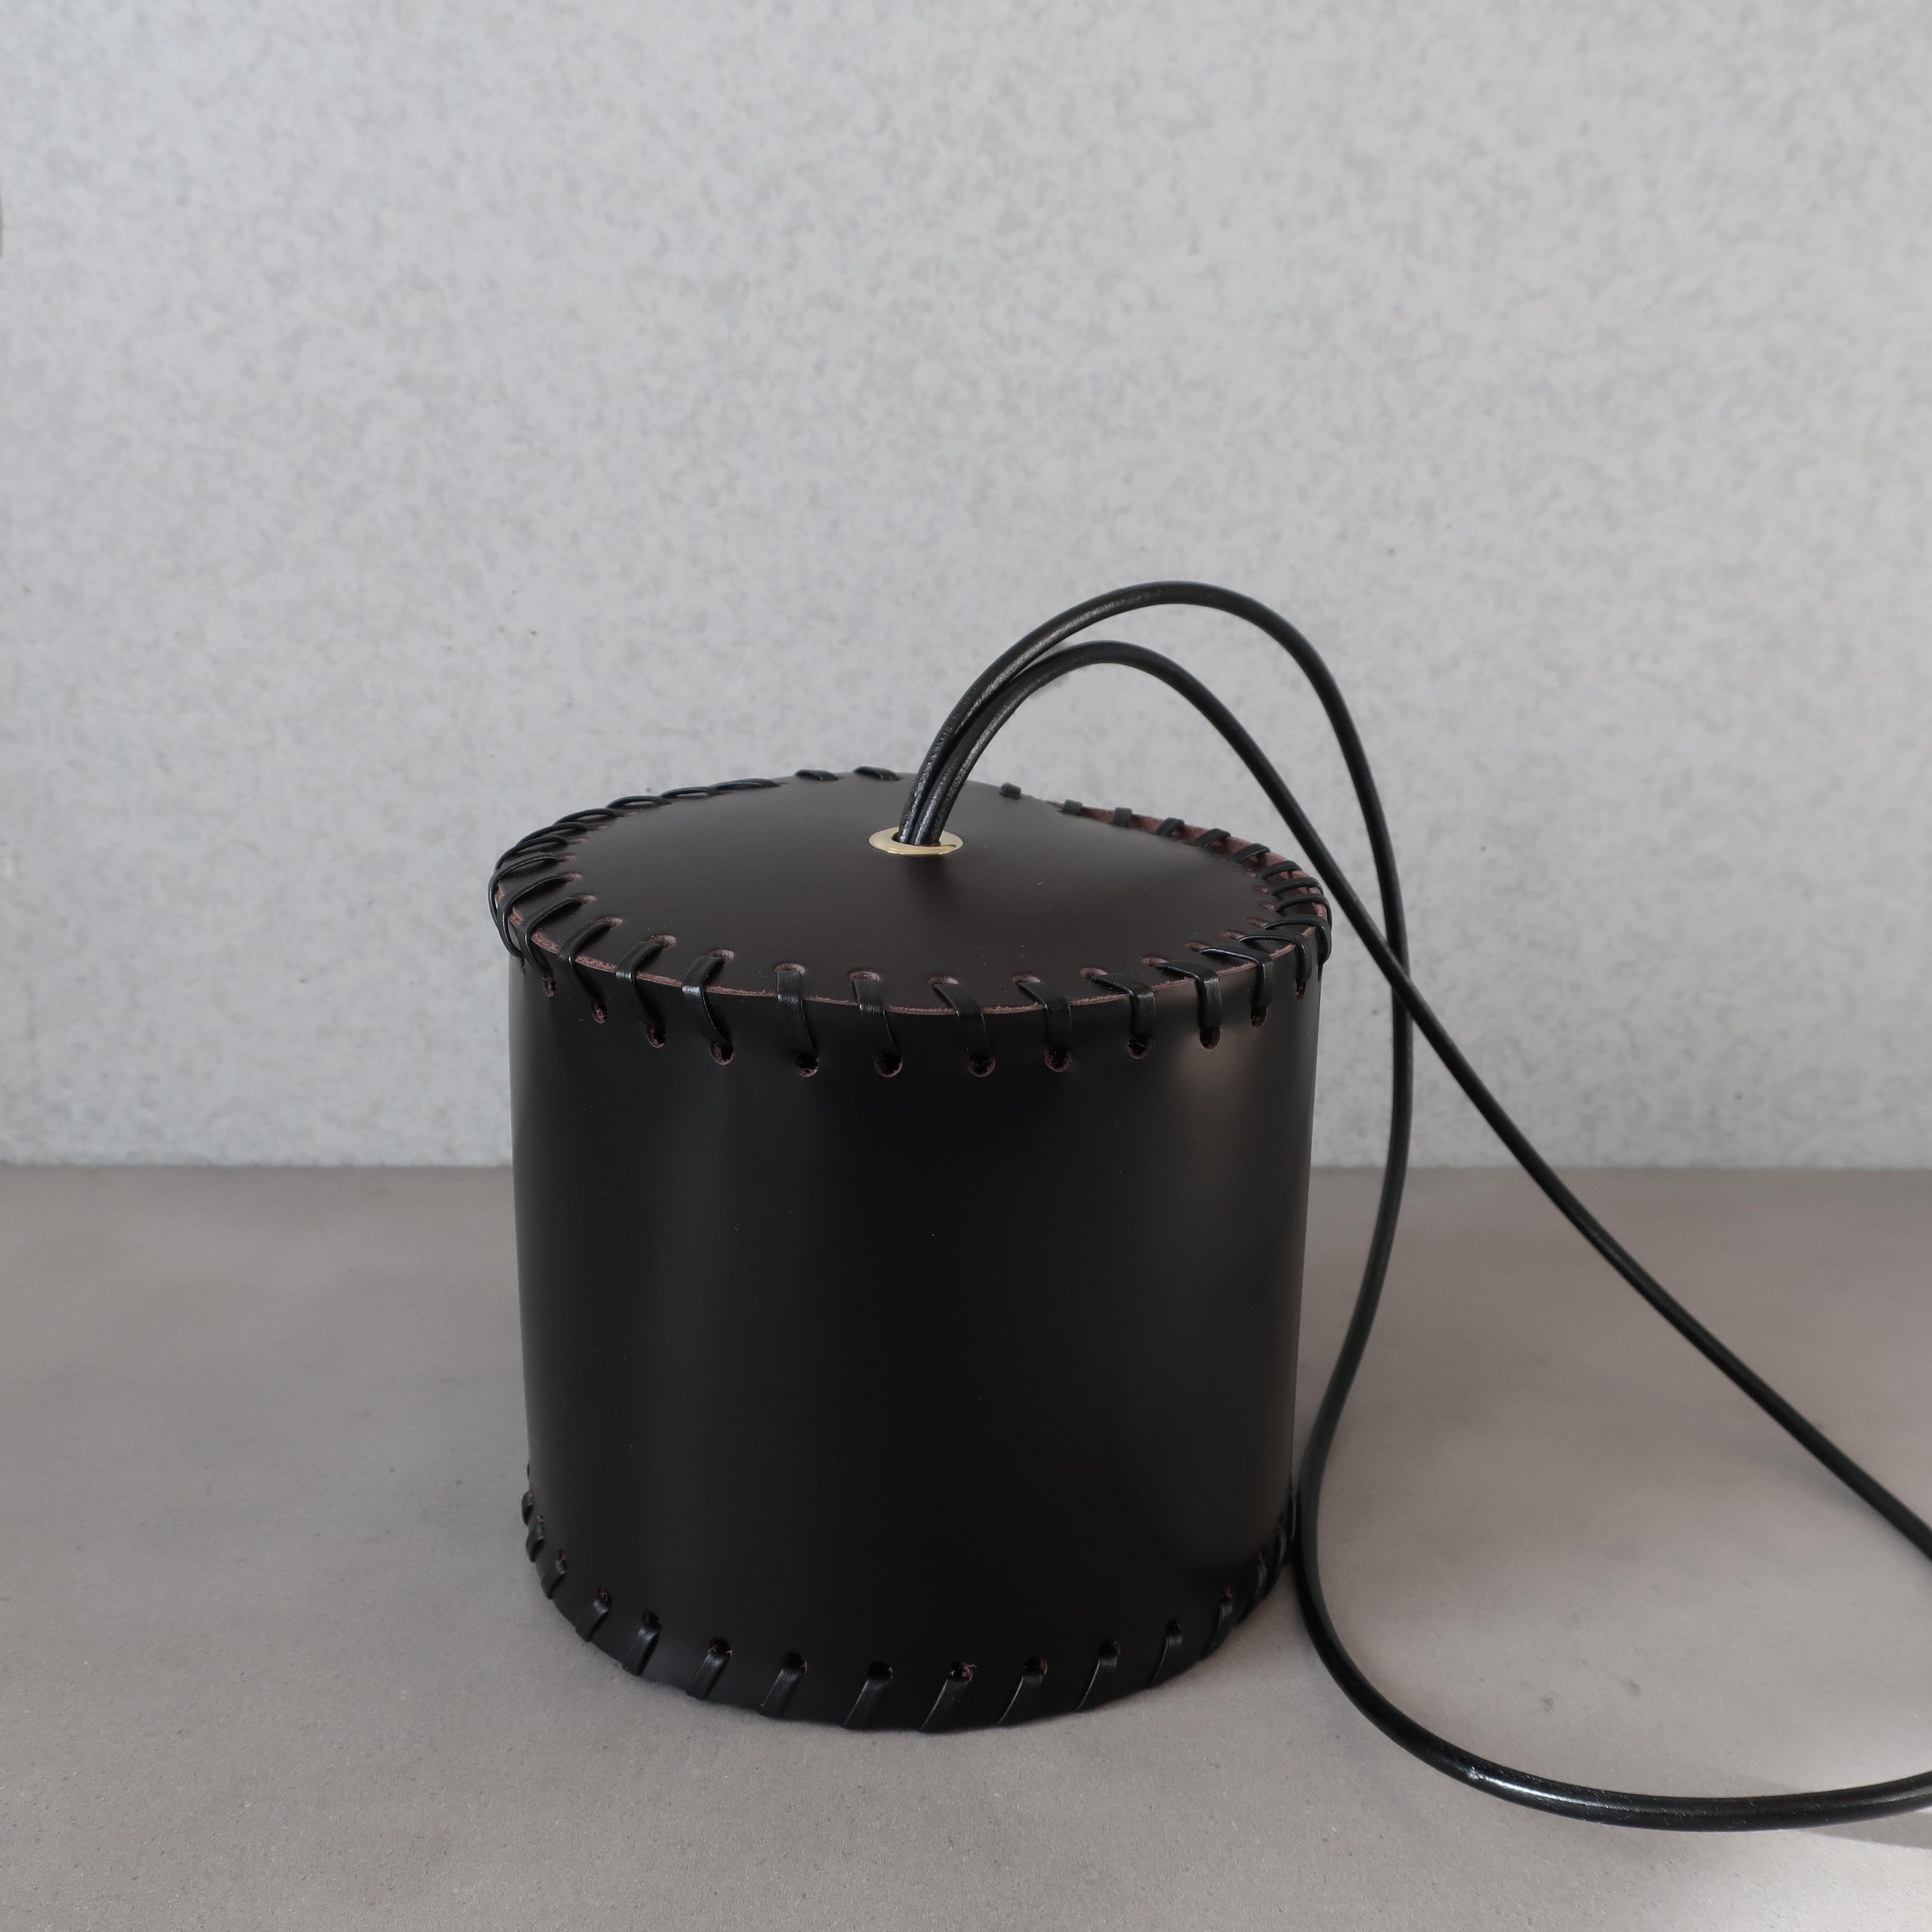 【Cylinder -Leather - Shoulder】